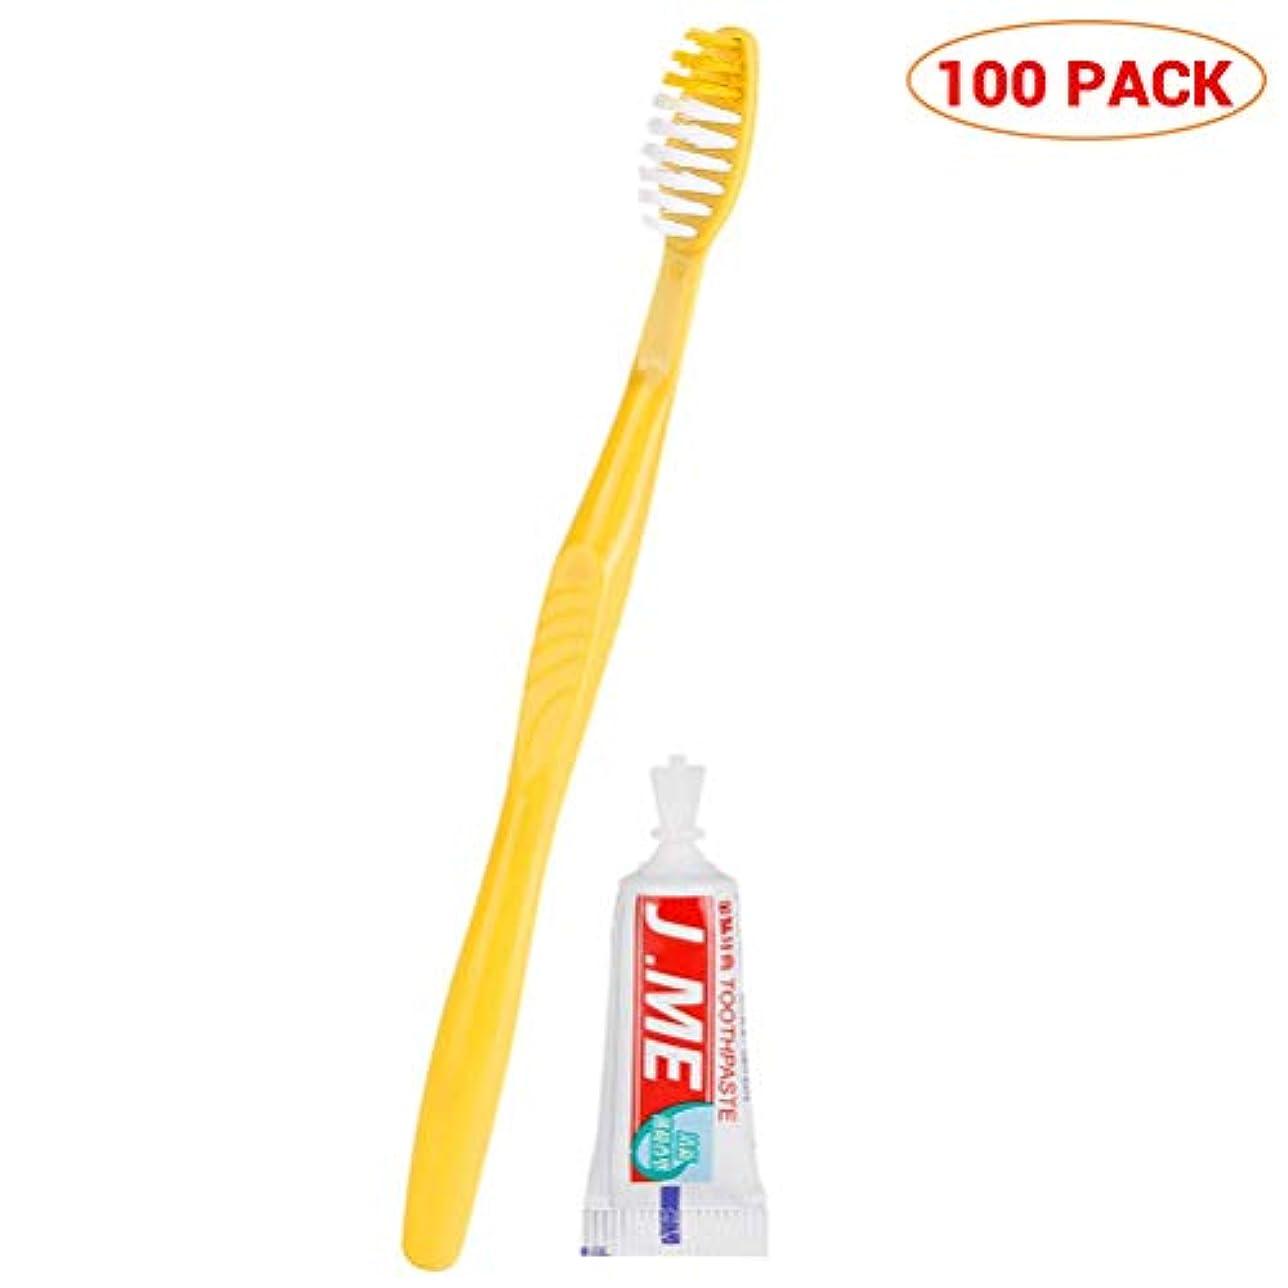 不可能な机摂氏度歯磨き粉付き使い捨て歯ブラシ、100パック